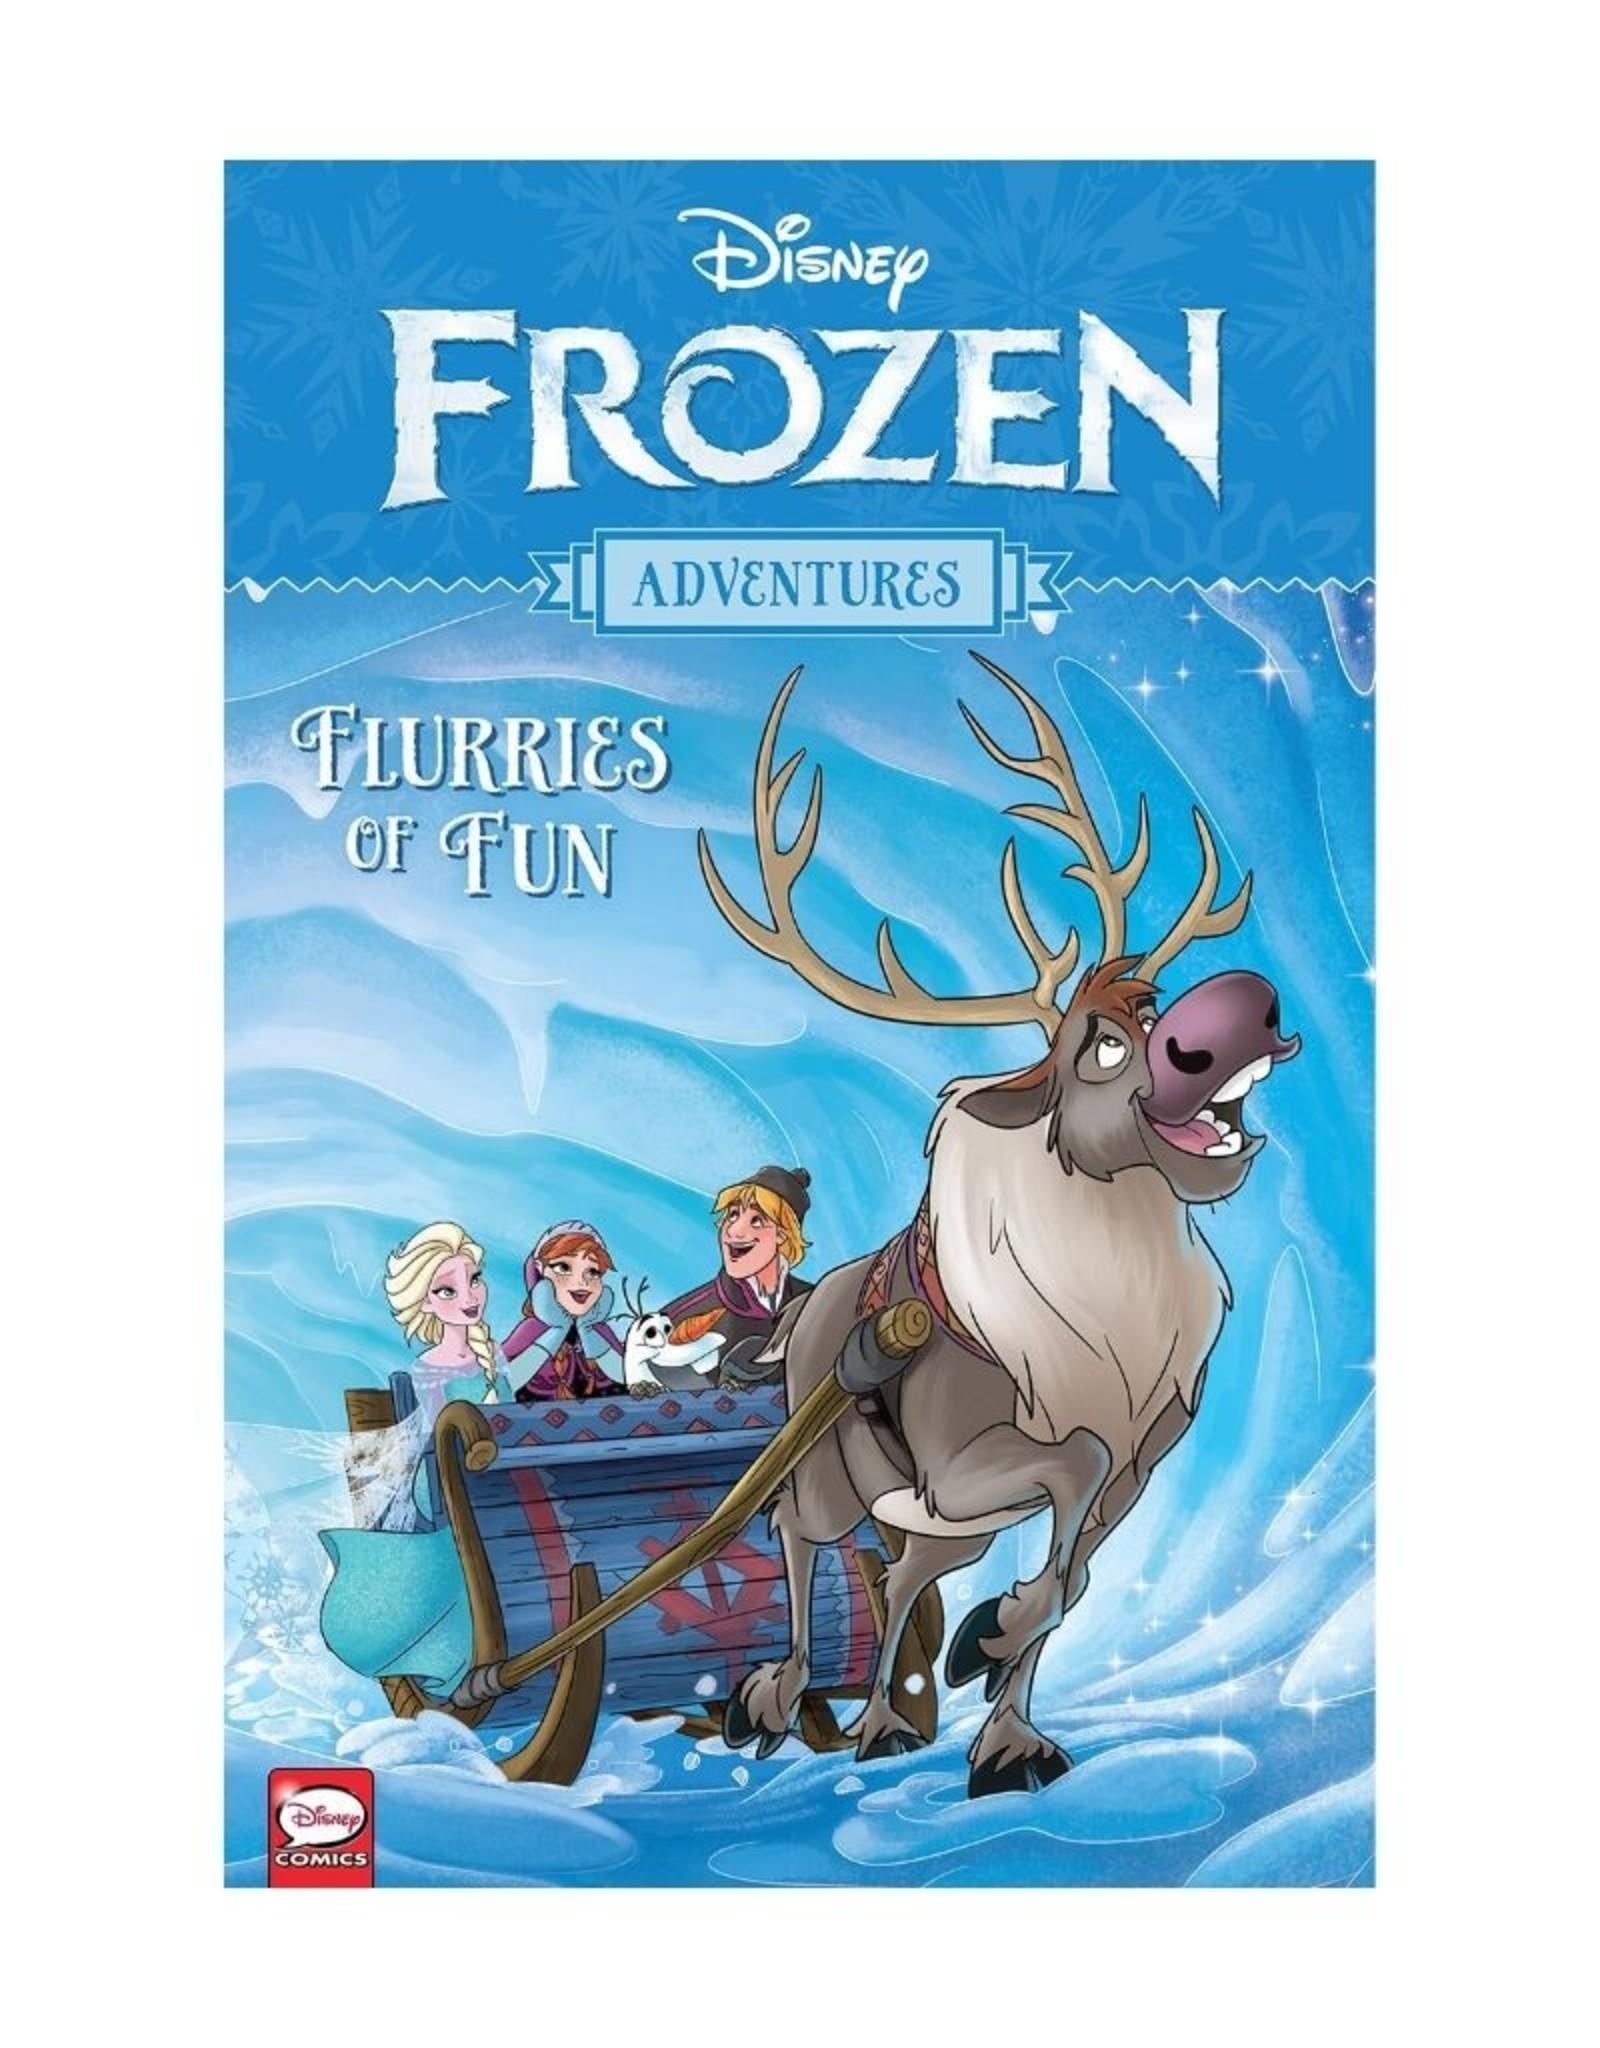 Frozen Flurries of Fun